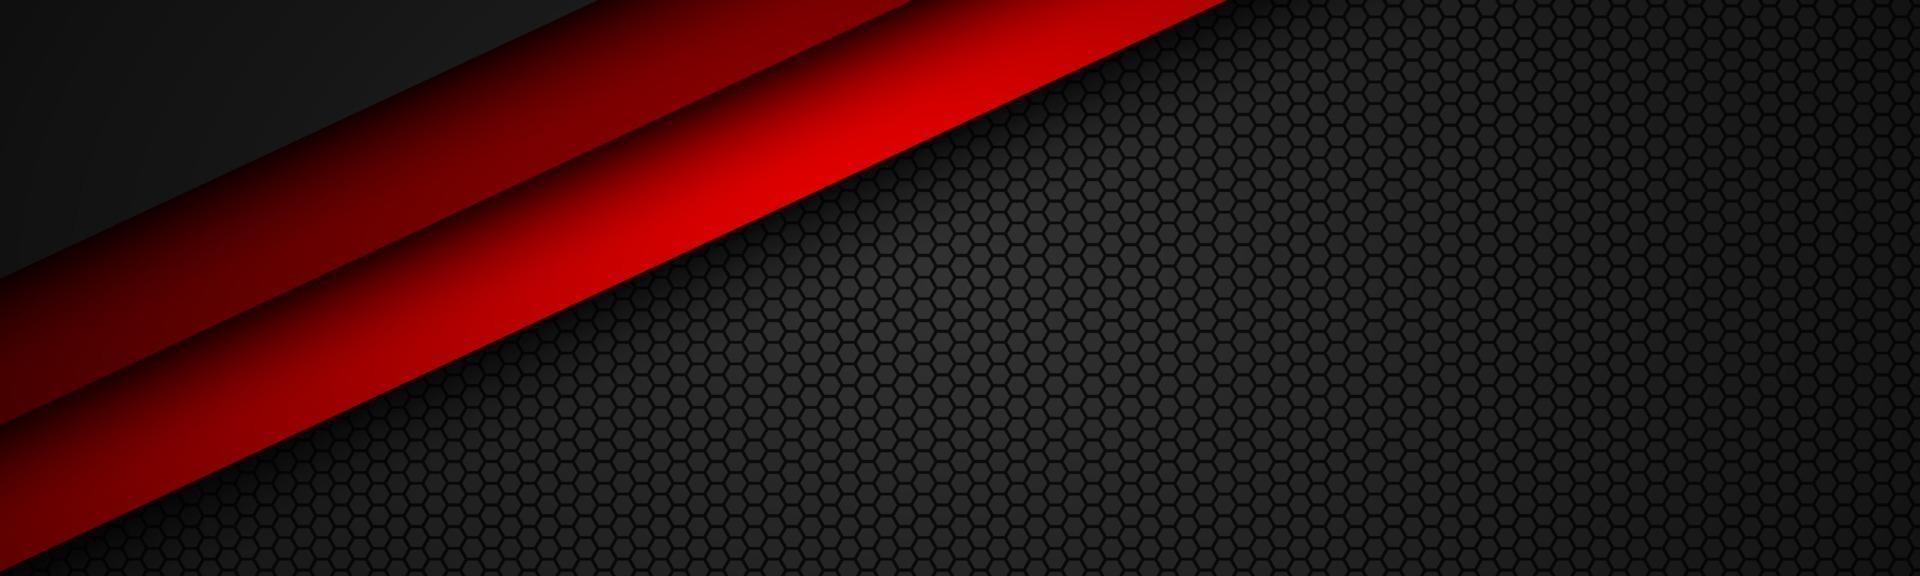 abstact röd linje vektorhuvud med åttkantigt nät. överlappar lager på svart banderoll med sexkantigt mönster. modern vektor bakgrund